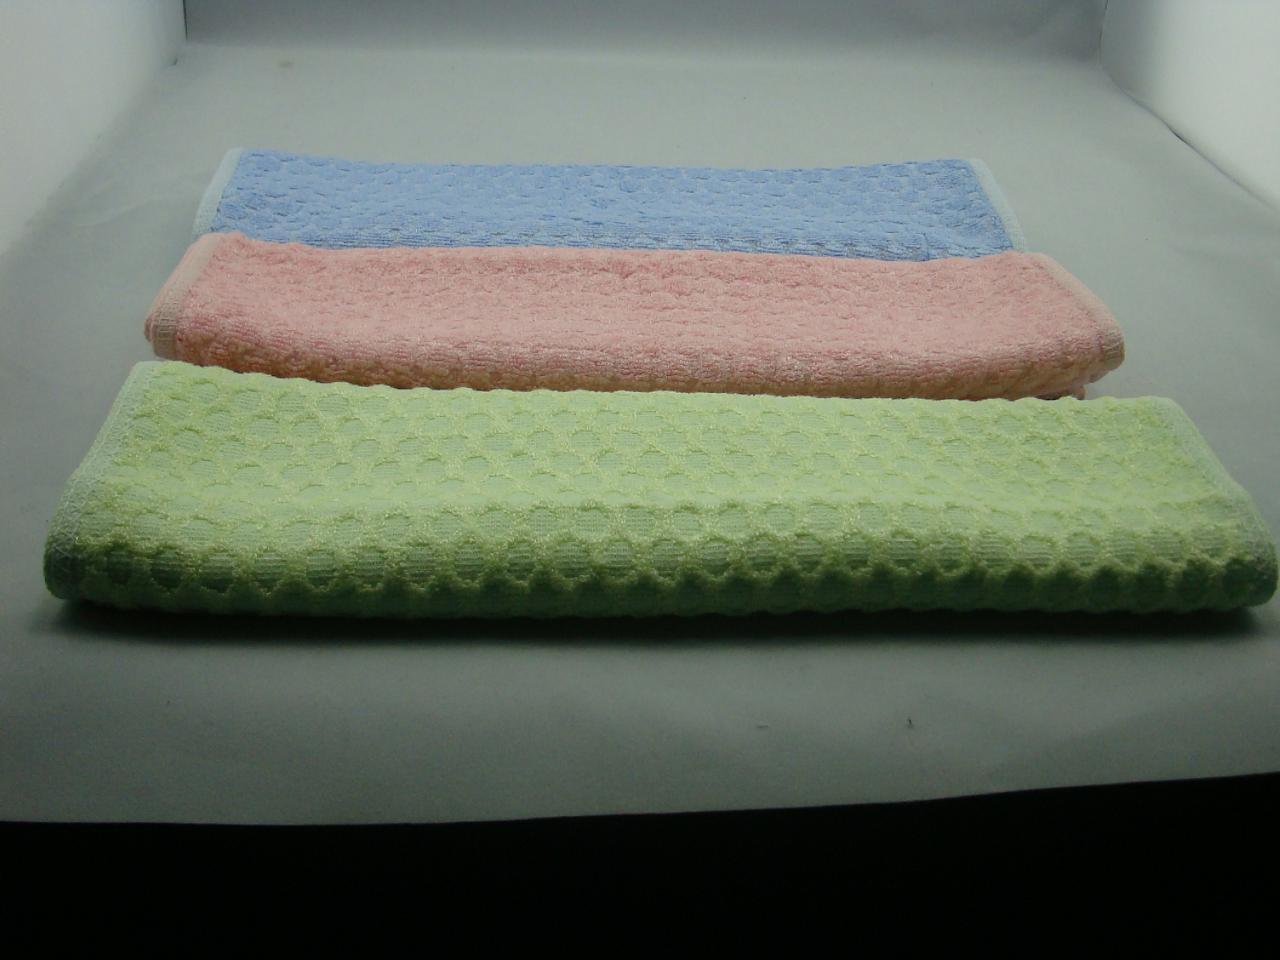 批发竹纤维毛巾,洗碗巾